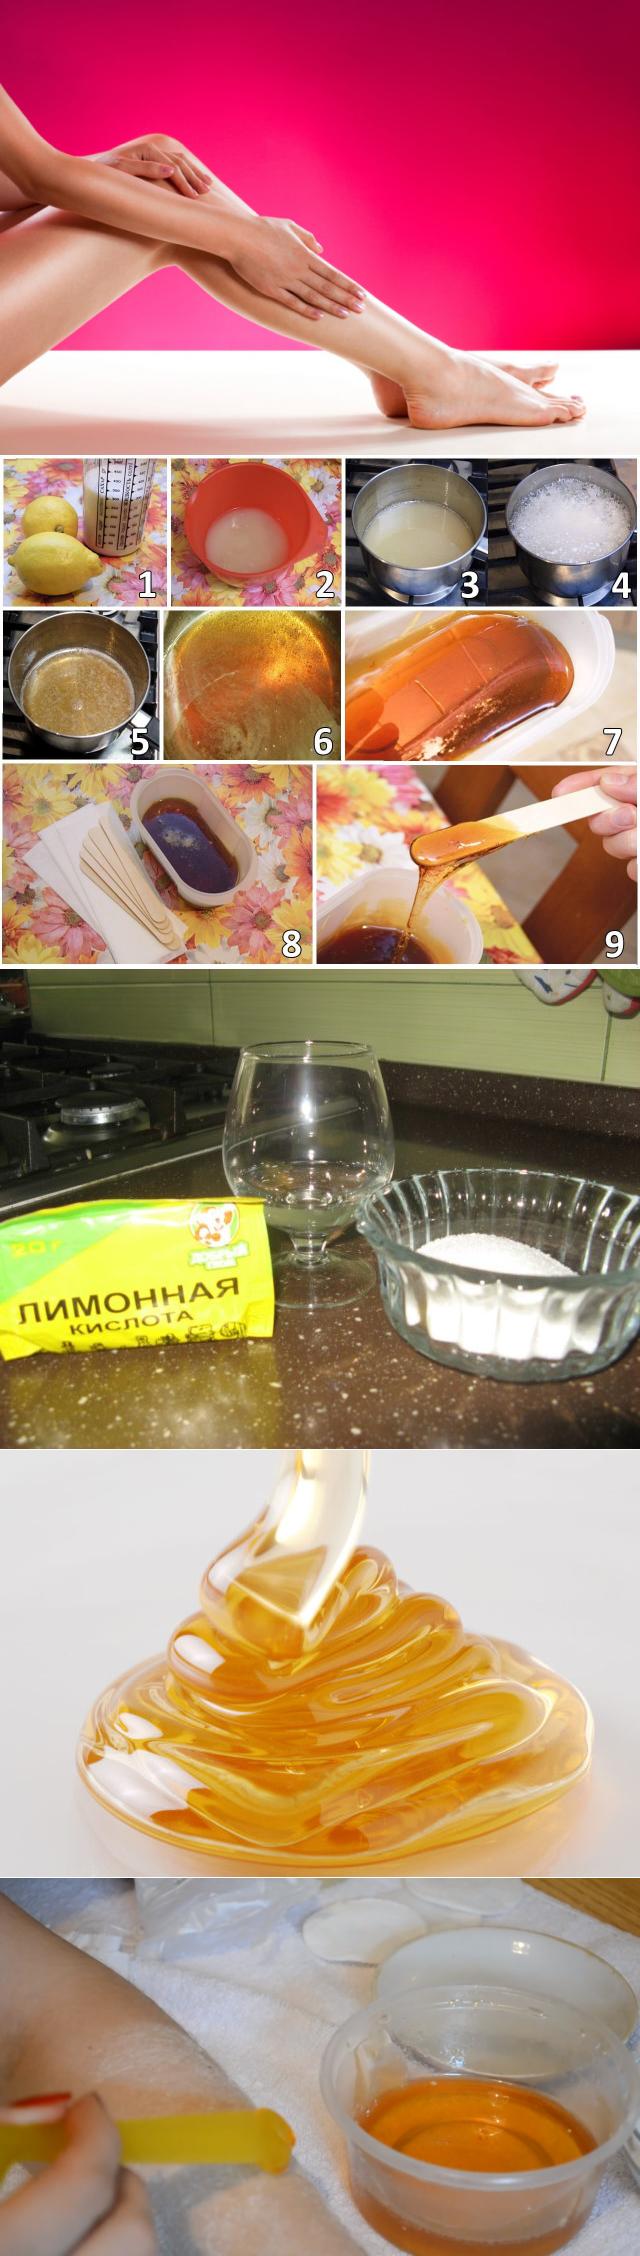 Как делать шугаринг в домашних условиях: инструкция, рецепты пасты